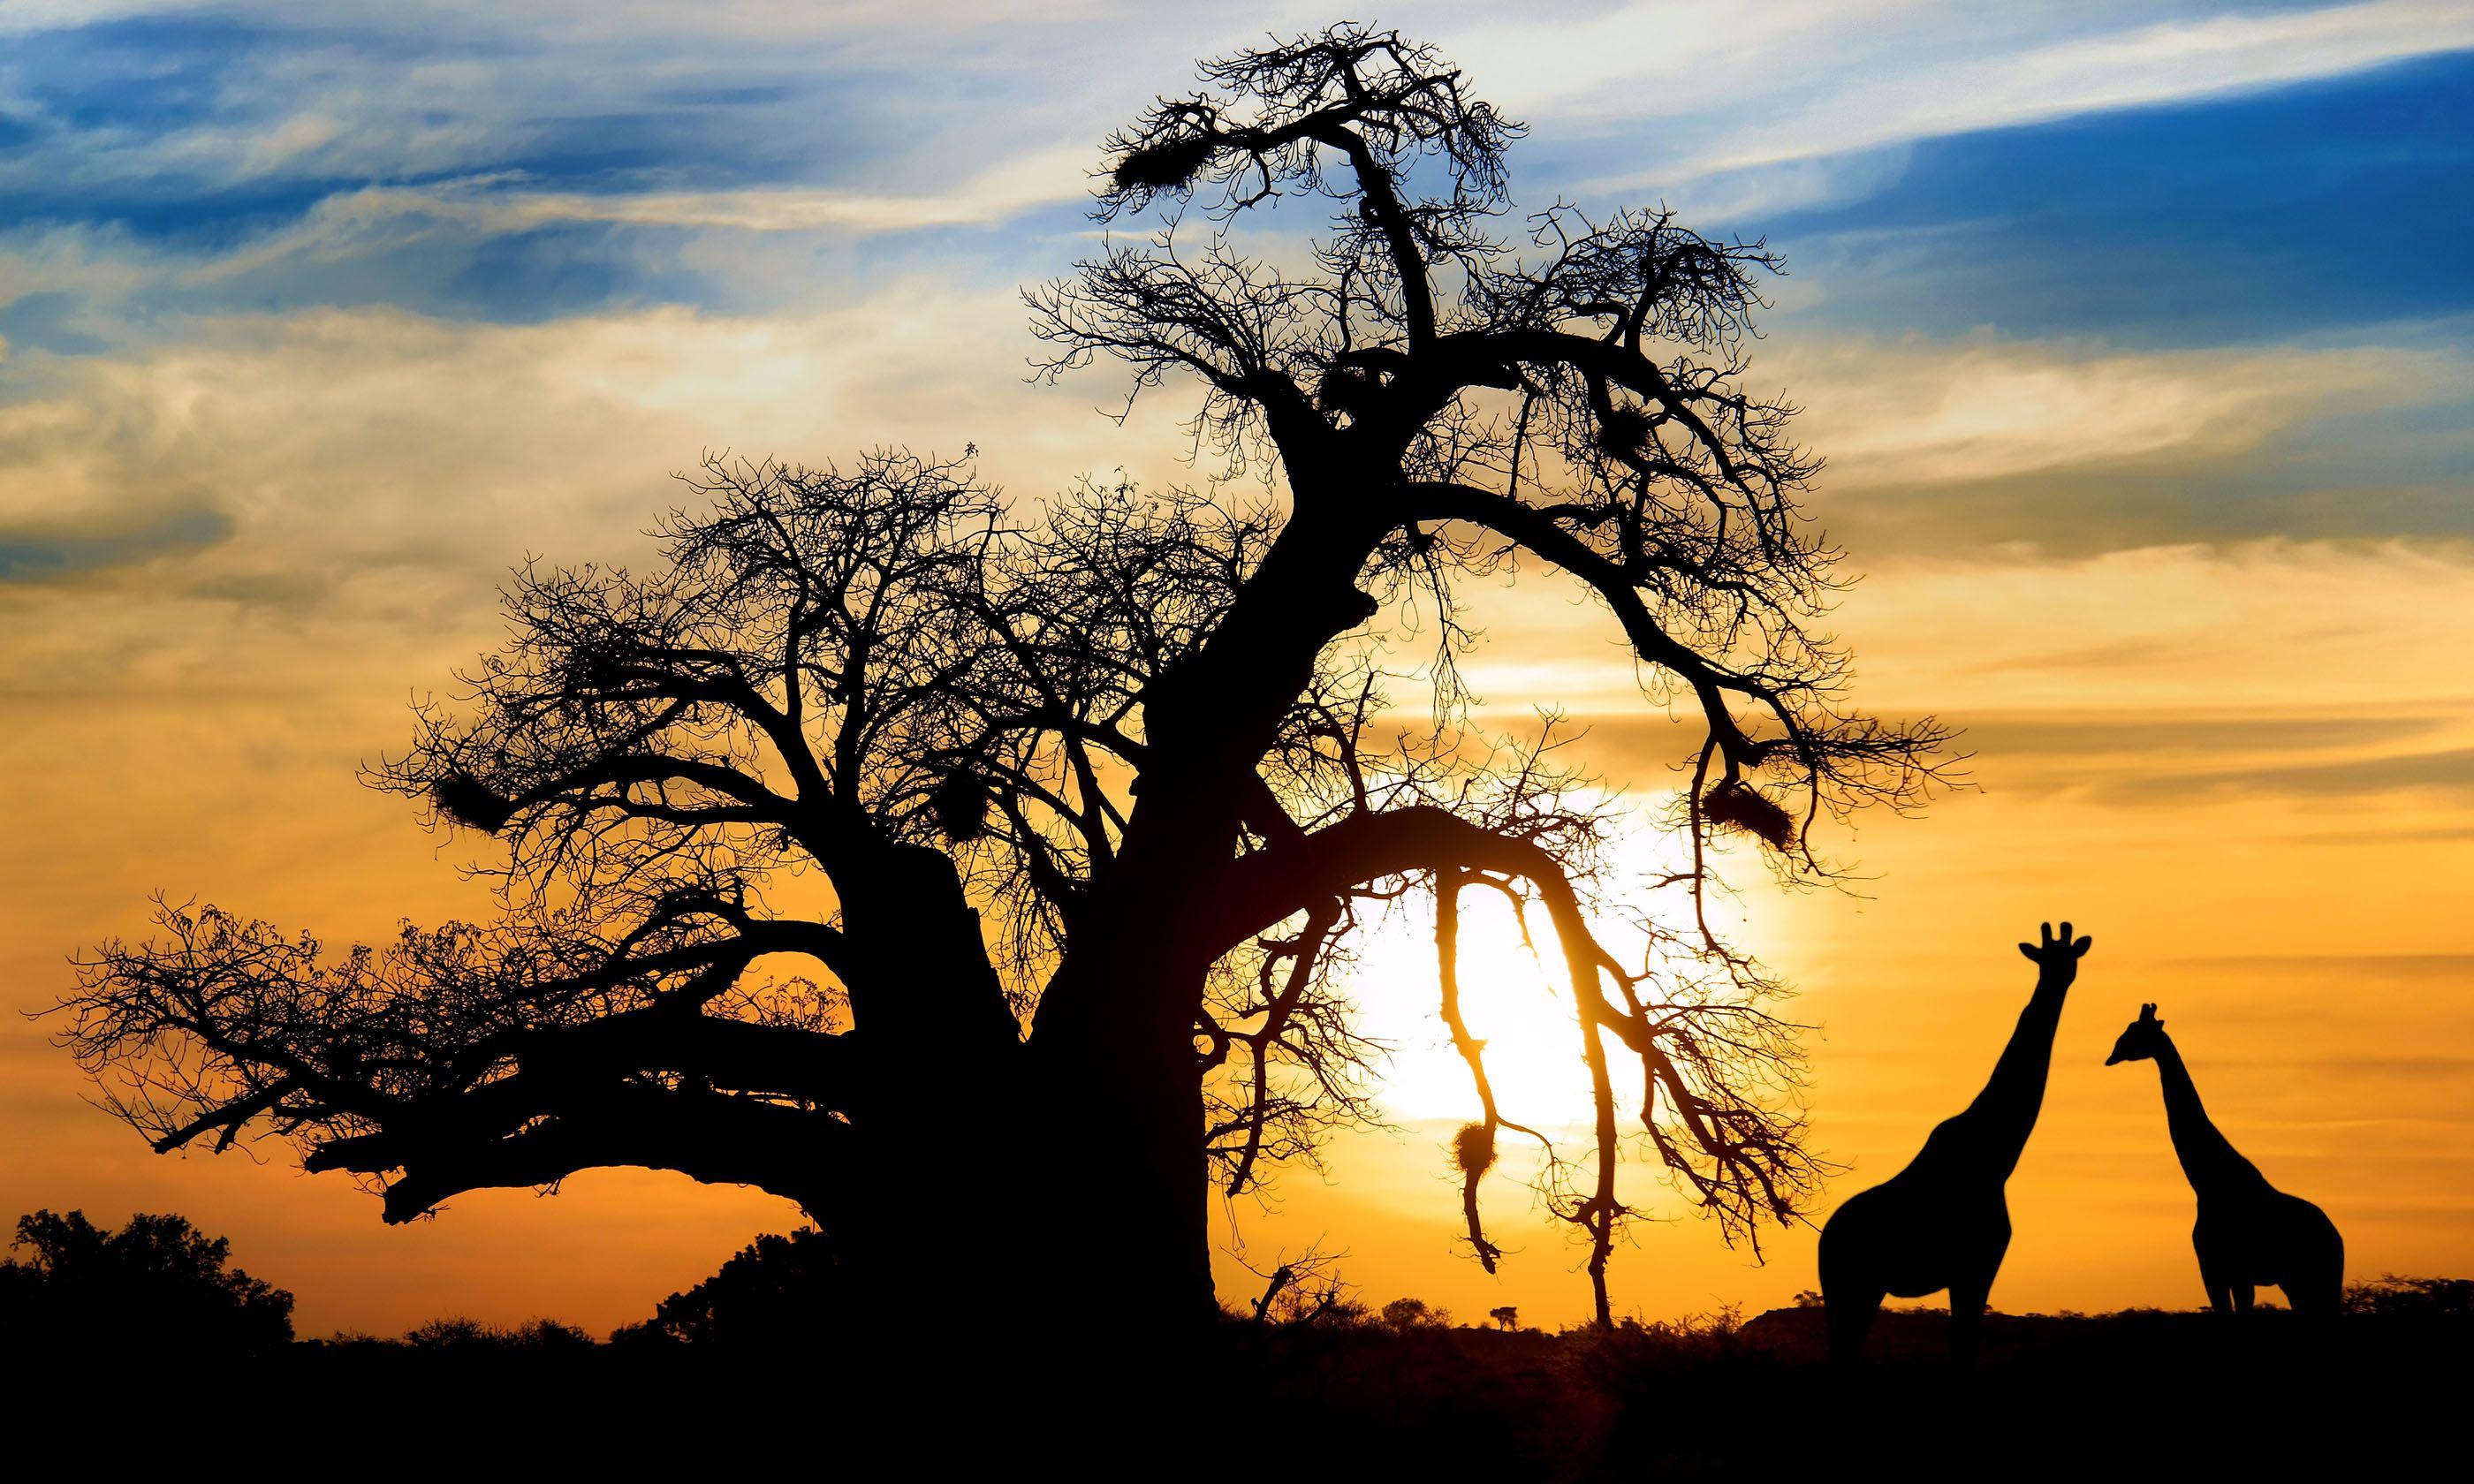 Sunset on the Kalahari